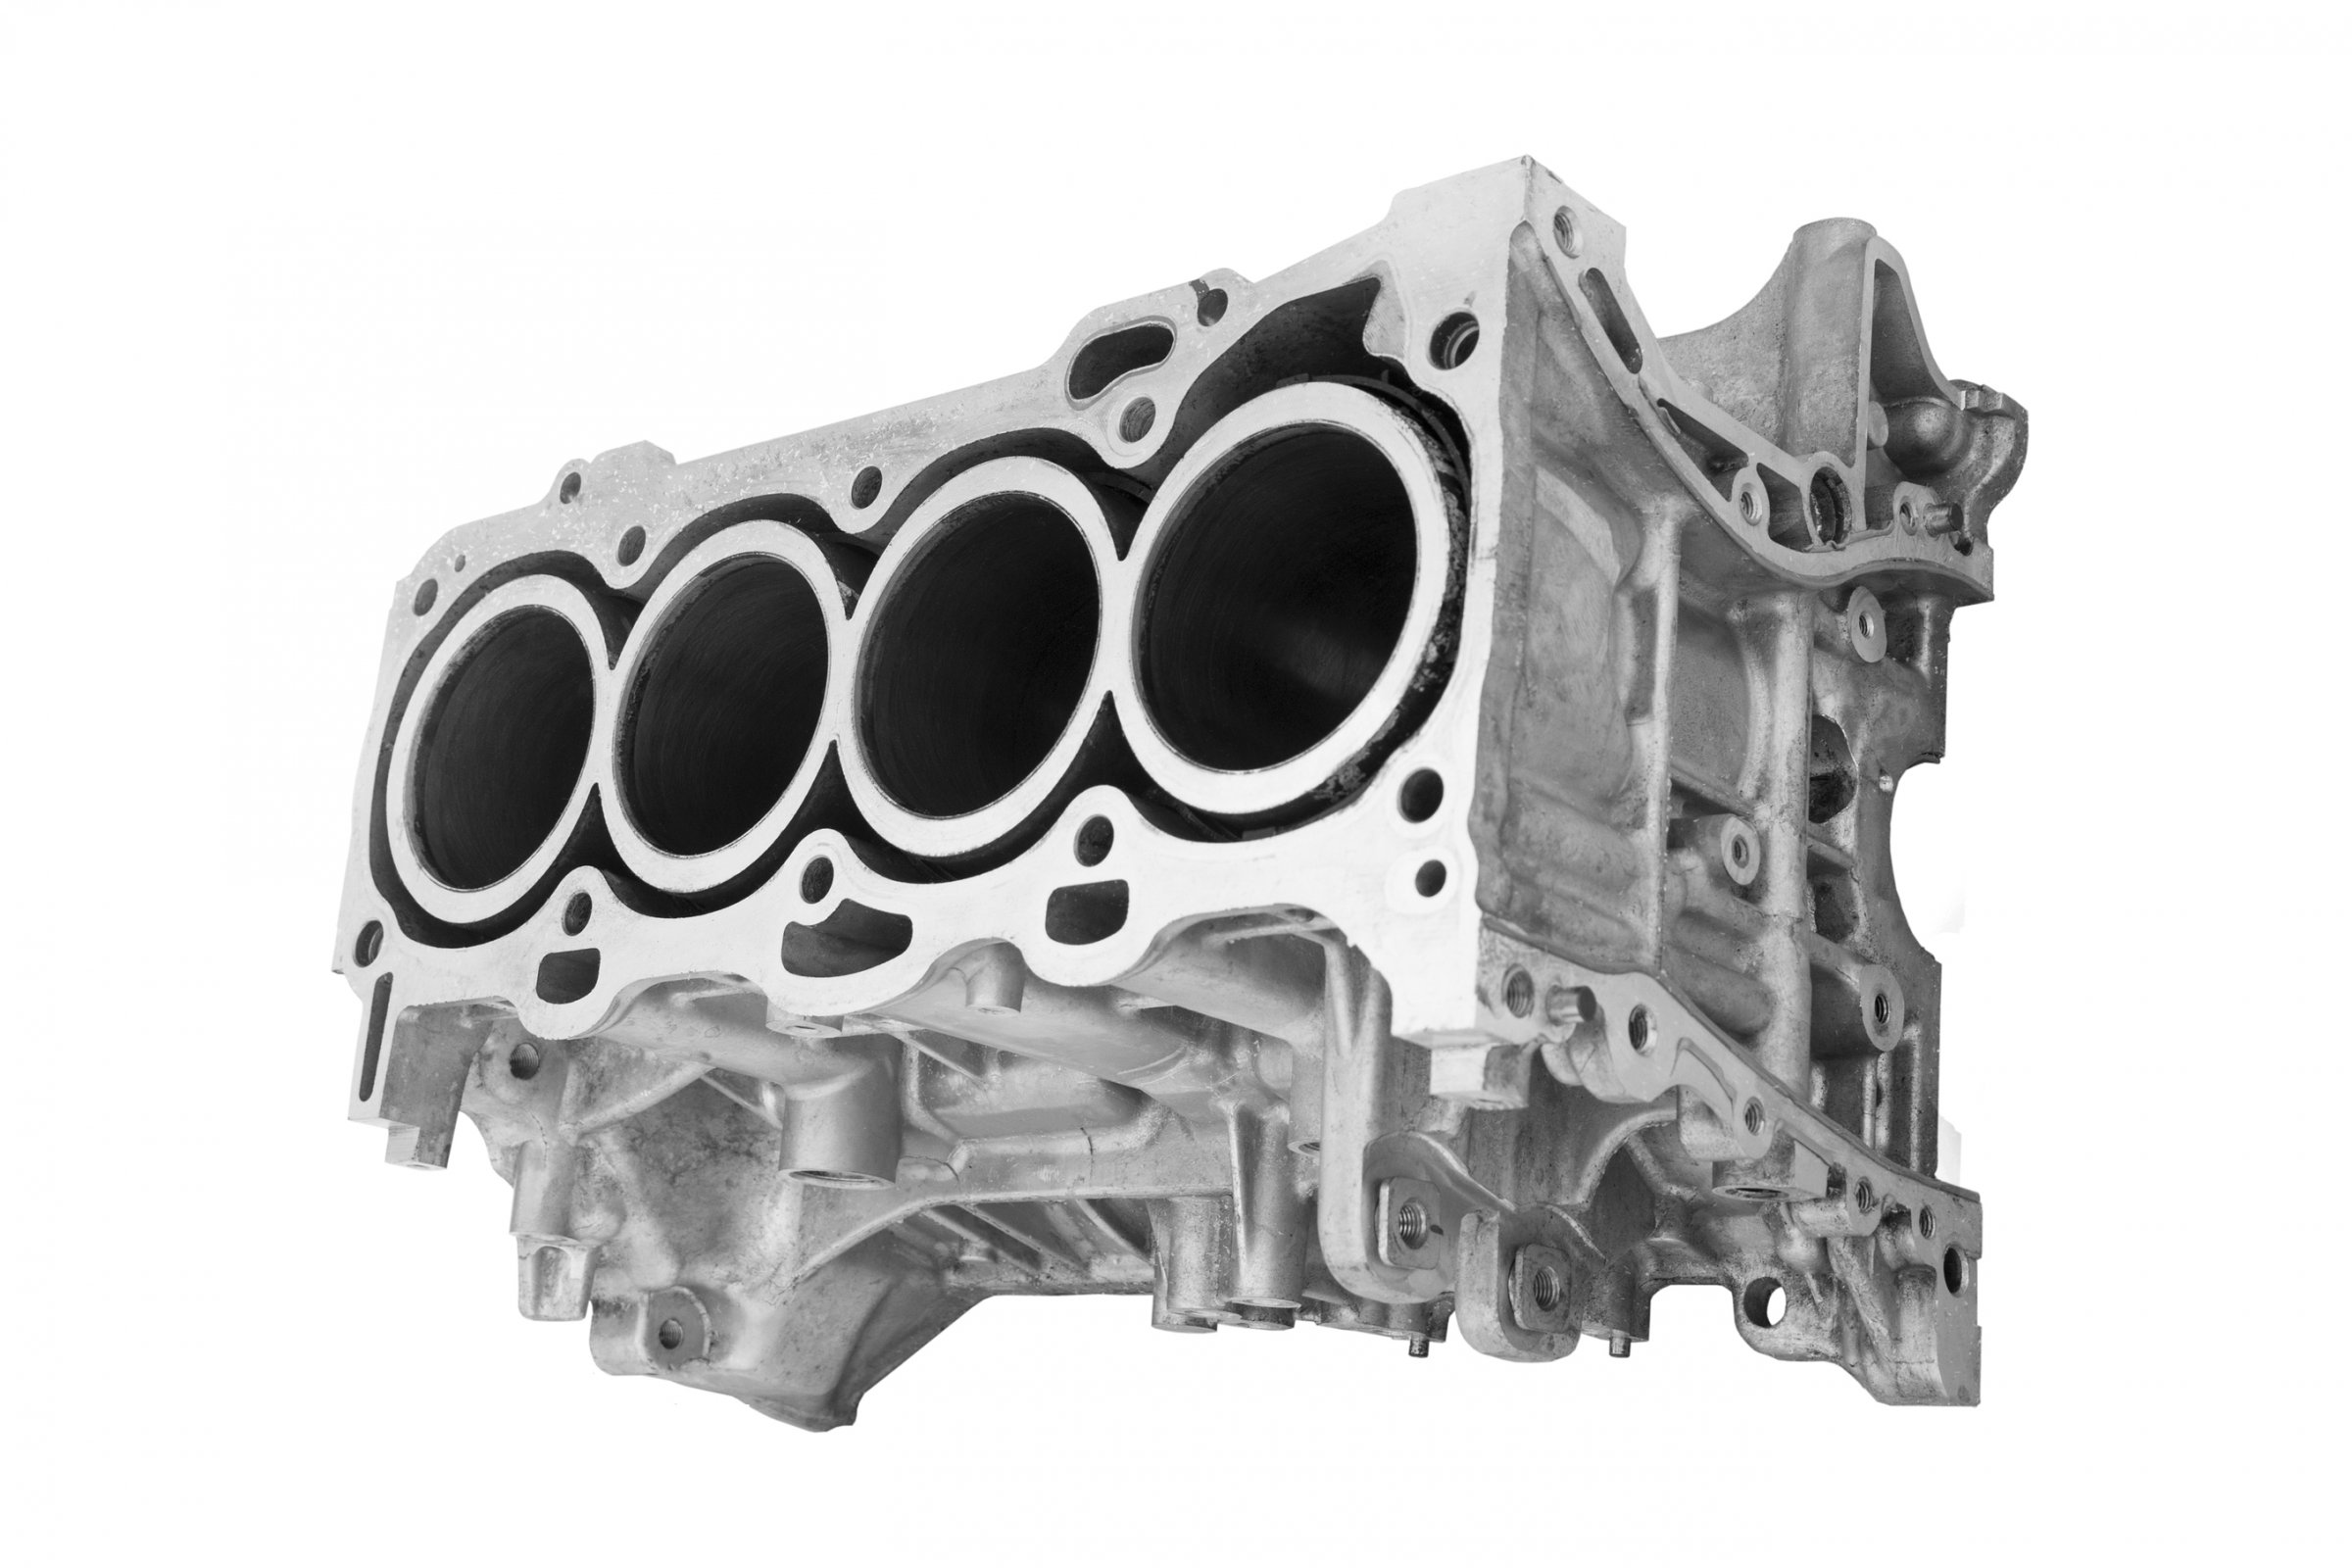 Bloco de motor quatro cilindros